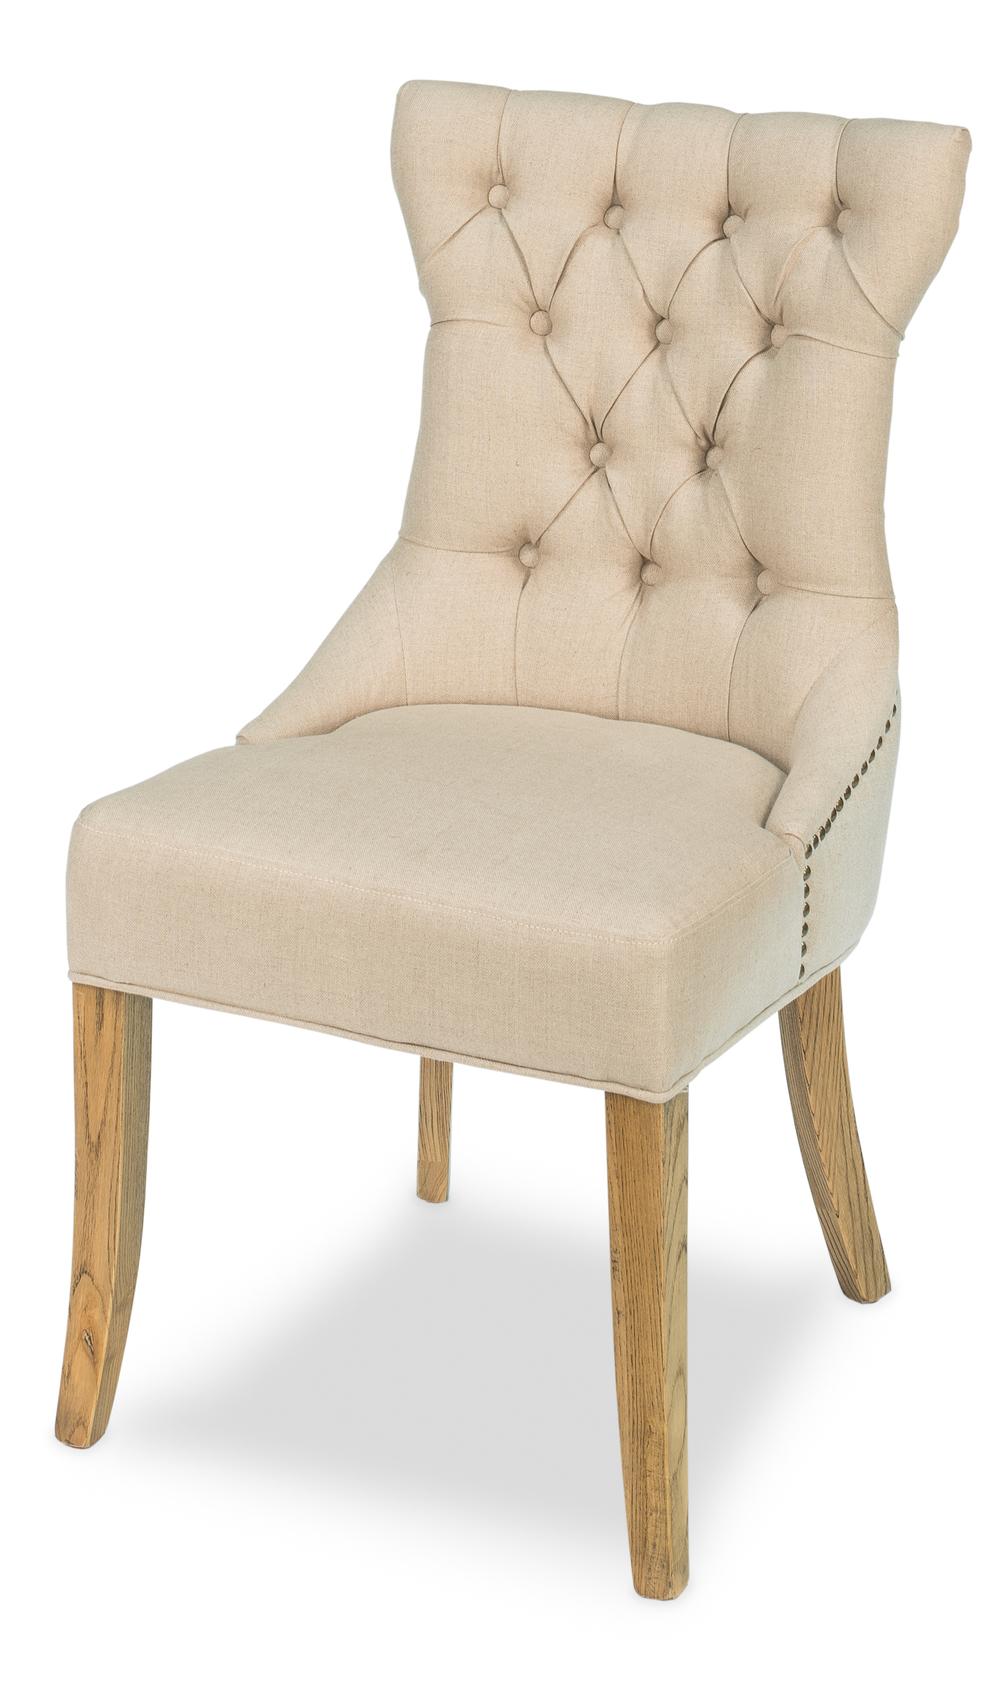 Sarreid - Sophie Side Chair, White Linen